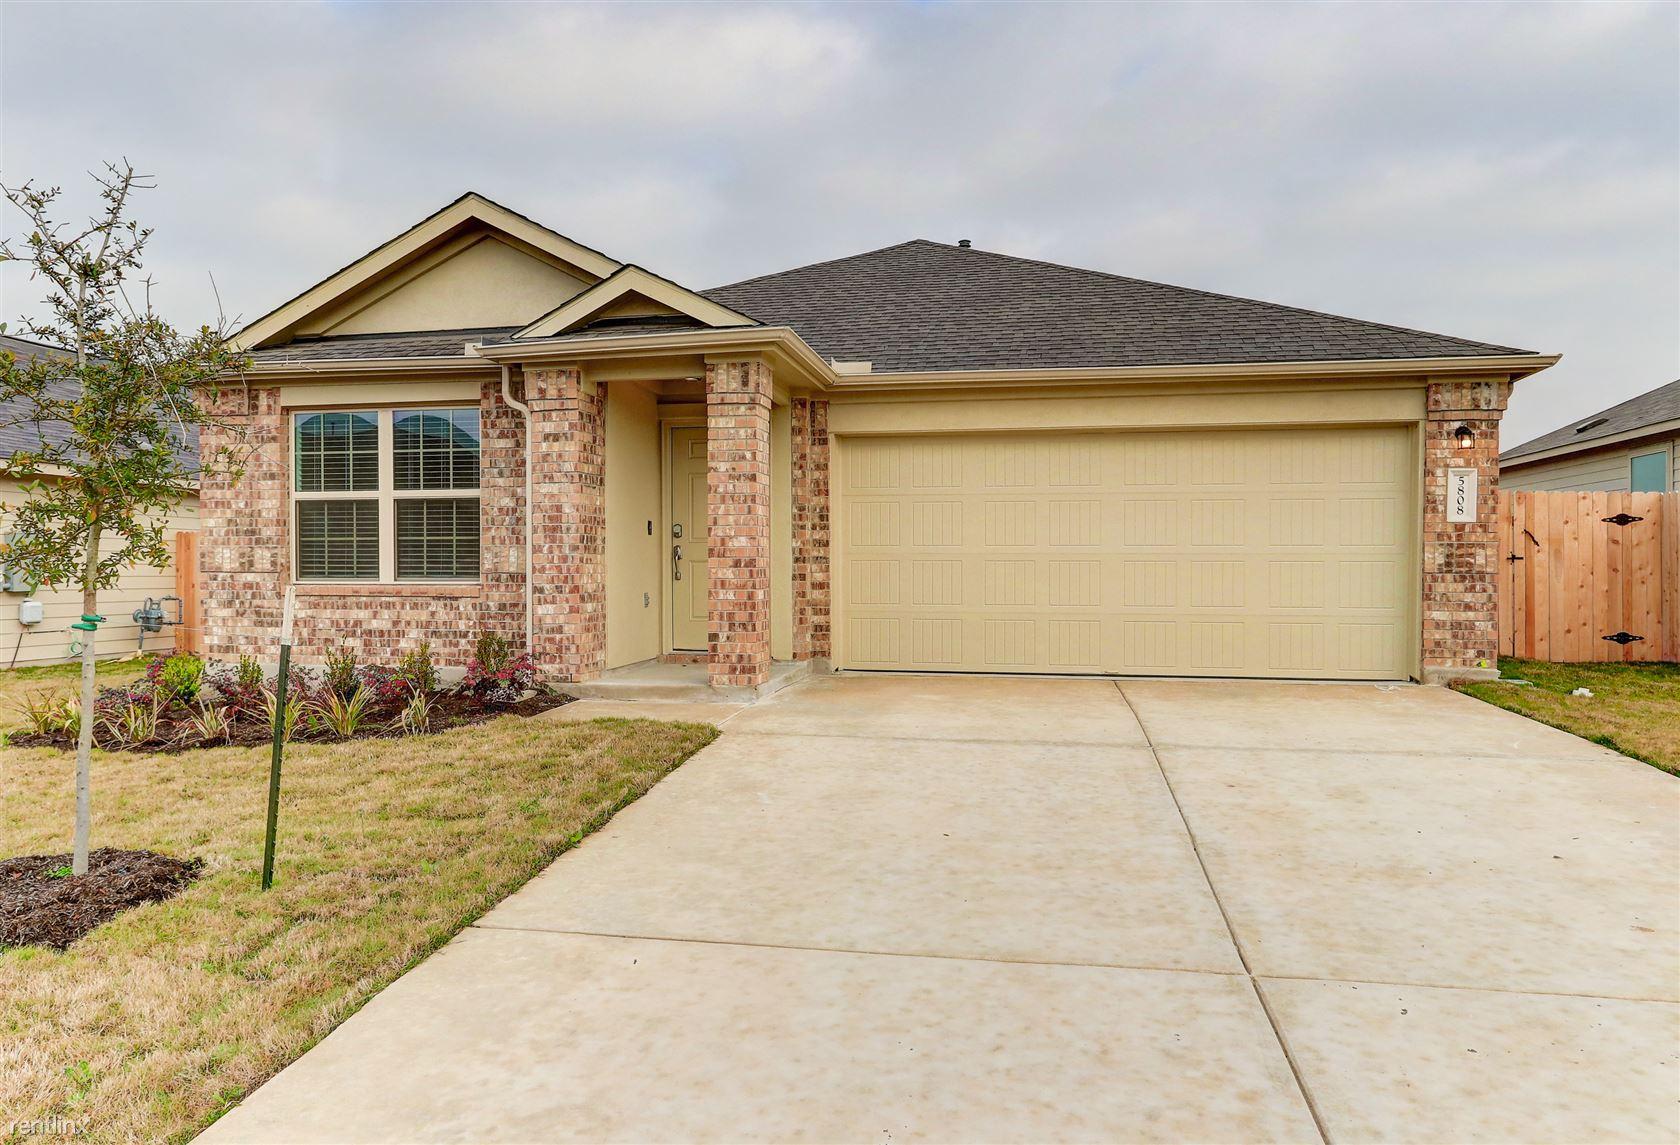 5808 San Savino Dr, Round Rock, TX - $1,825